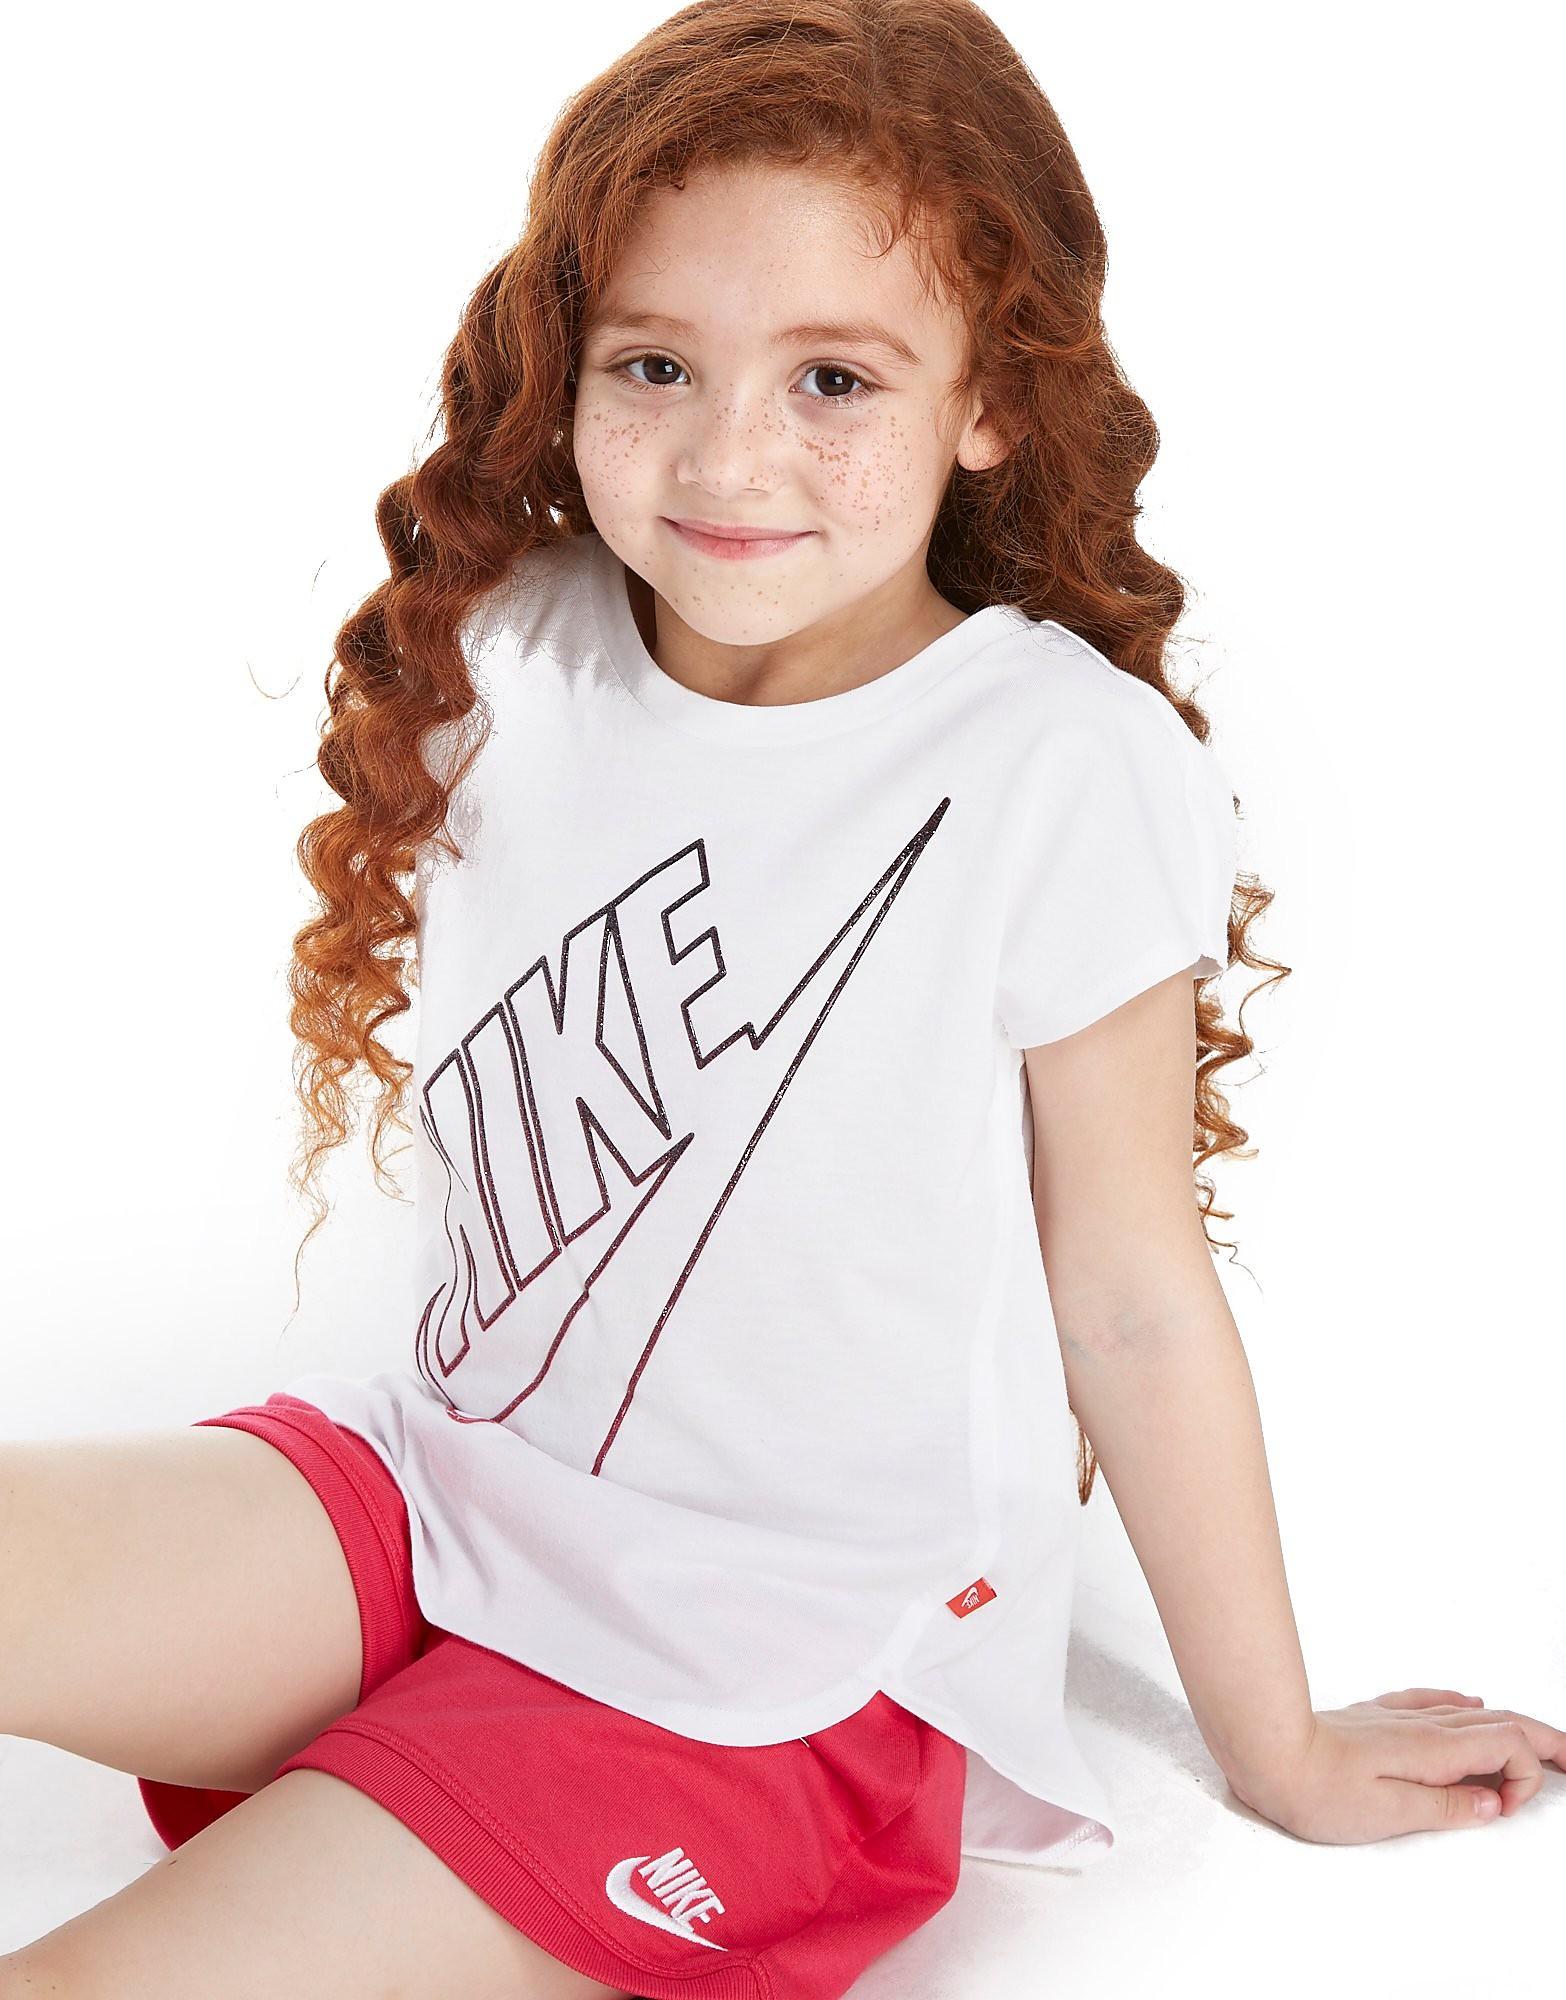 Nike Girls' Gradient Futura T-Shirt Children